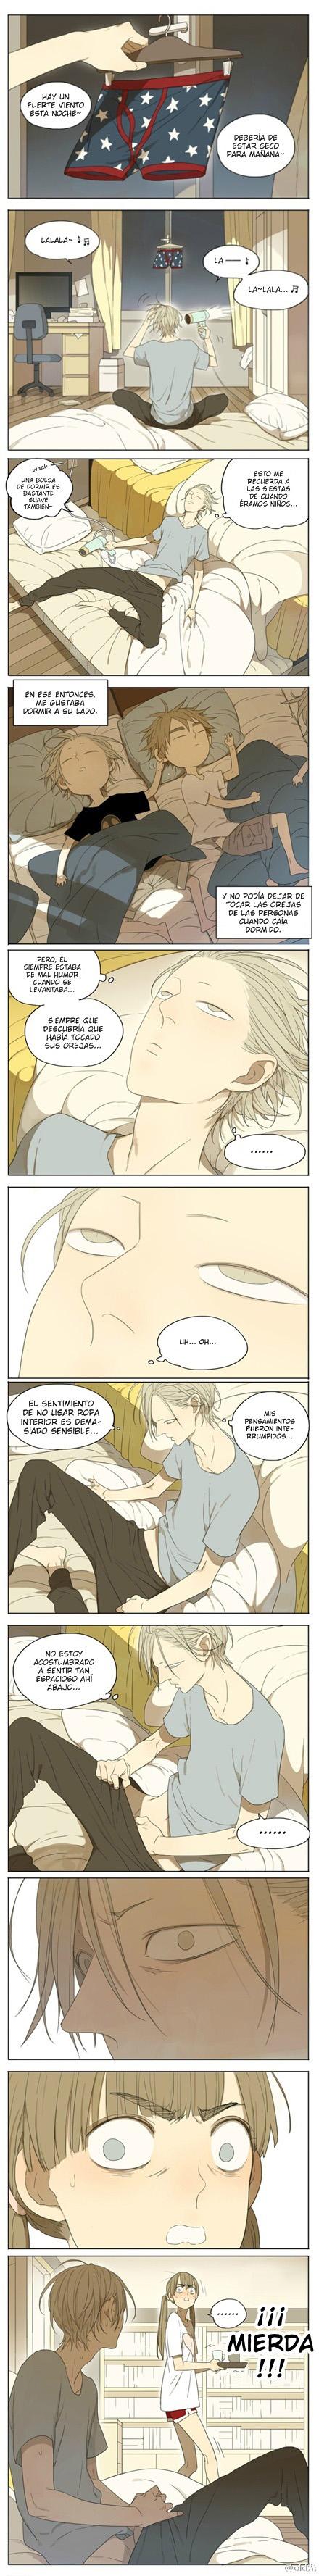 http://c5.ninemanga.com/es_manga/7/15943/381023/7c38a31809feb5e5cb69b6cc50681610.jpg Page 12